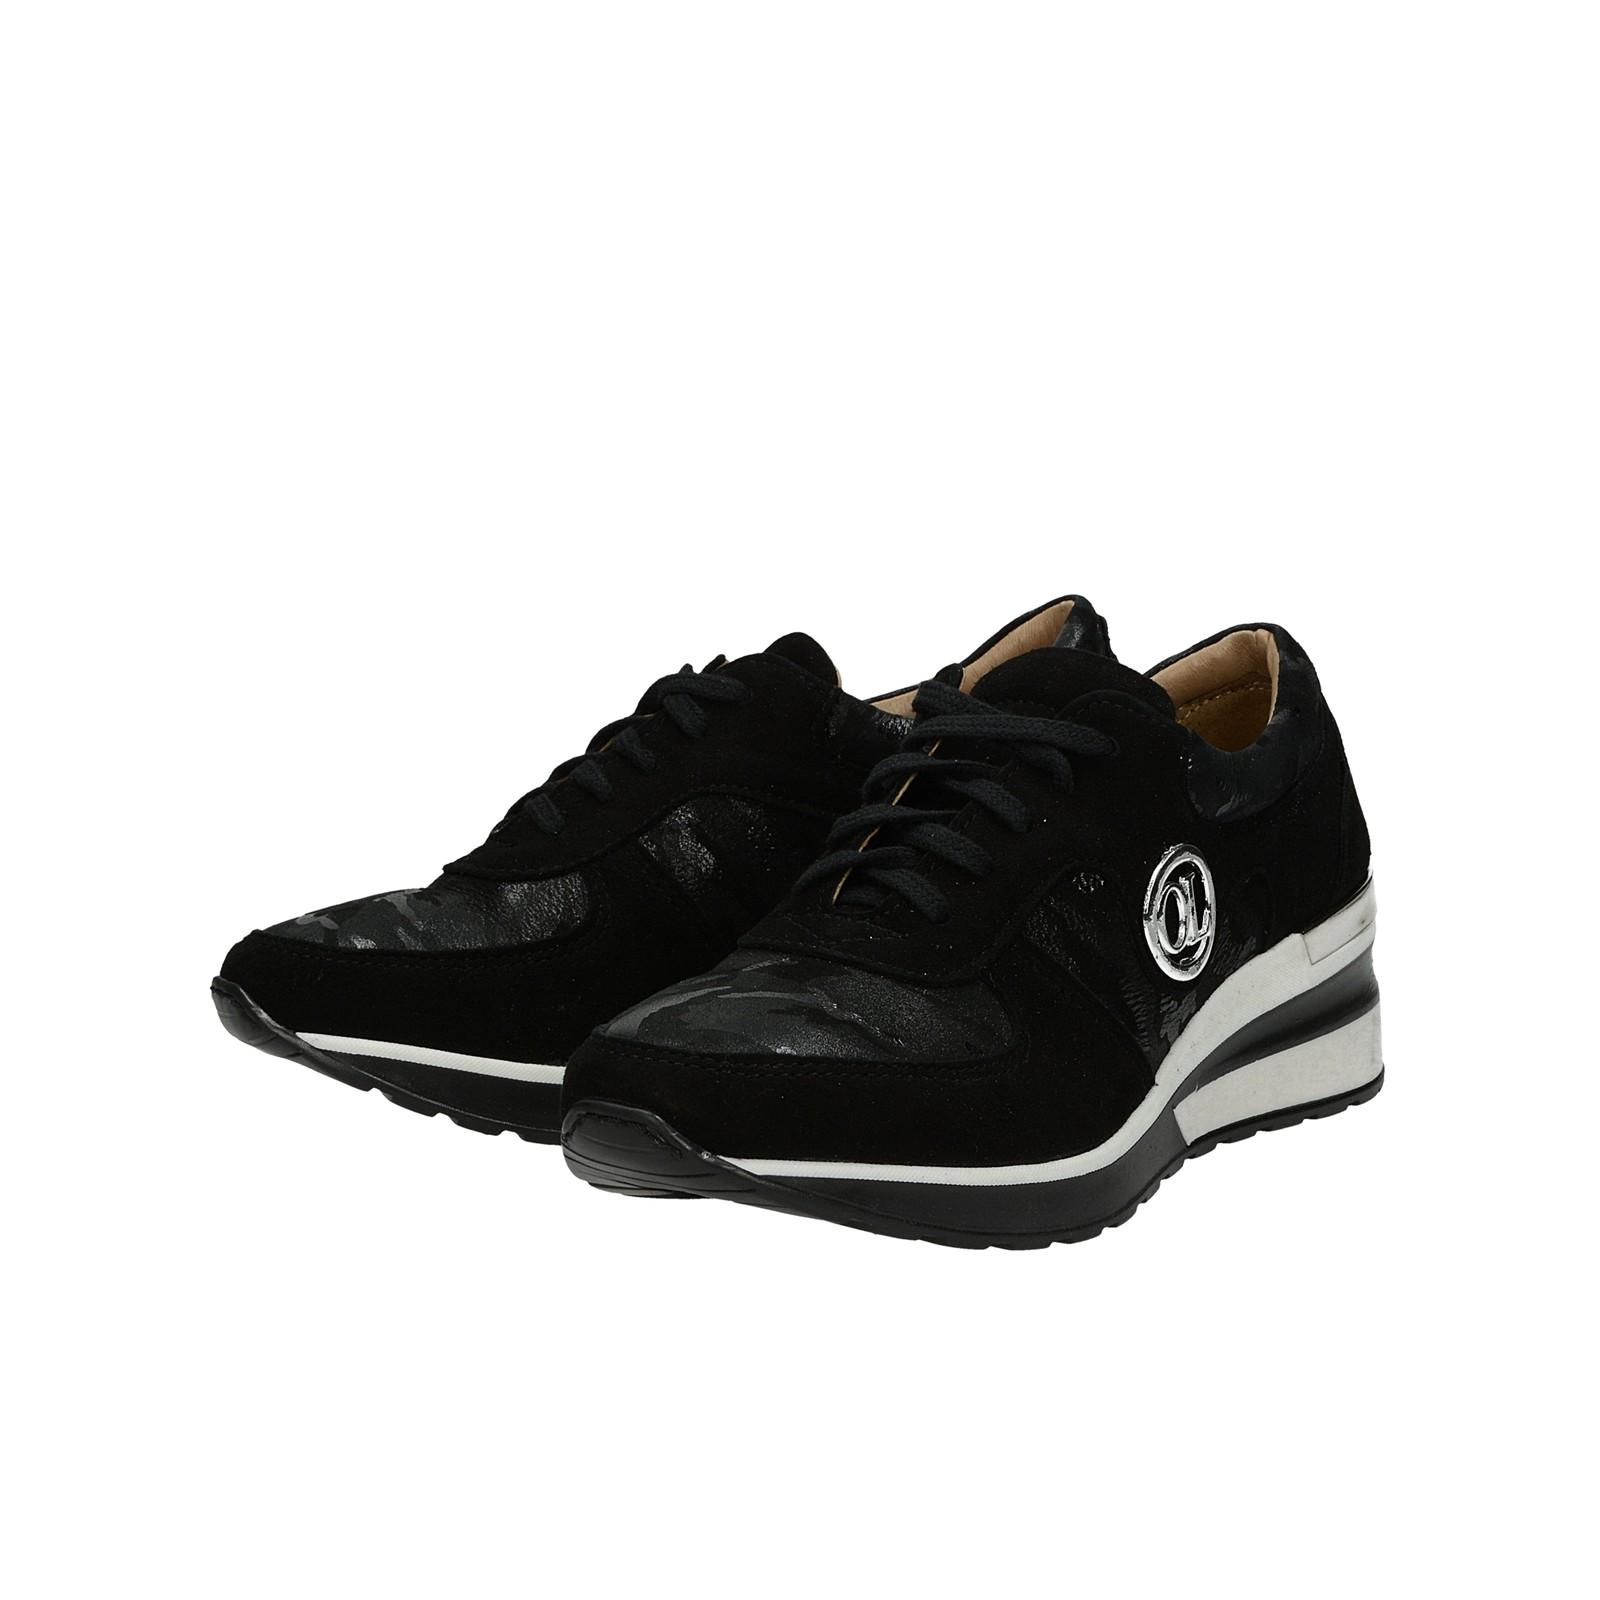 ddae5d3e94cc ... Olivia shoes dámske kožené tenisky na klinovej podrážke - čierne ...